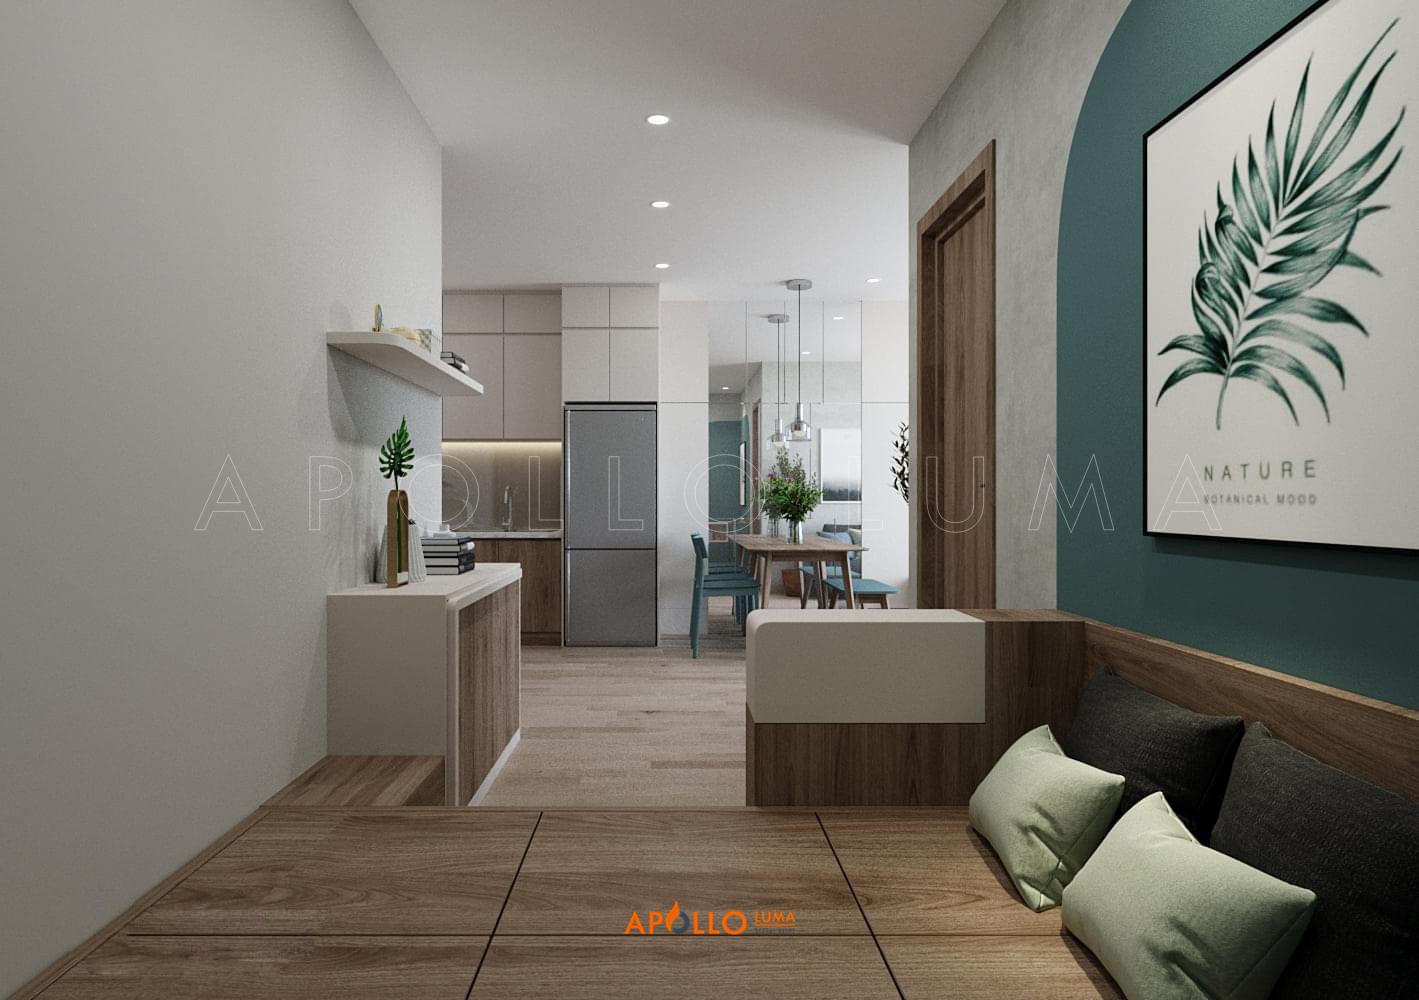 Thiết kế nội thất căn hộ 1PN + 1 Imperia Smart Citty Tây Mỗ